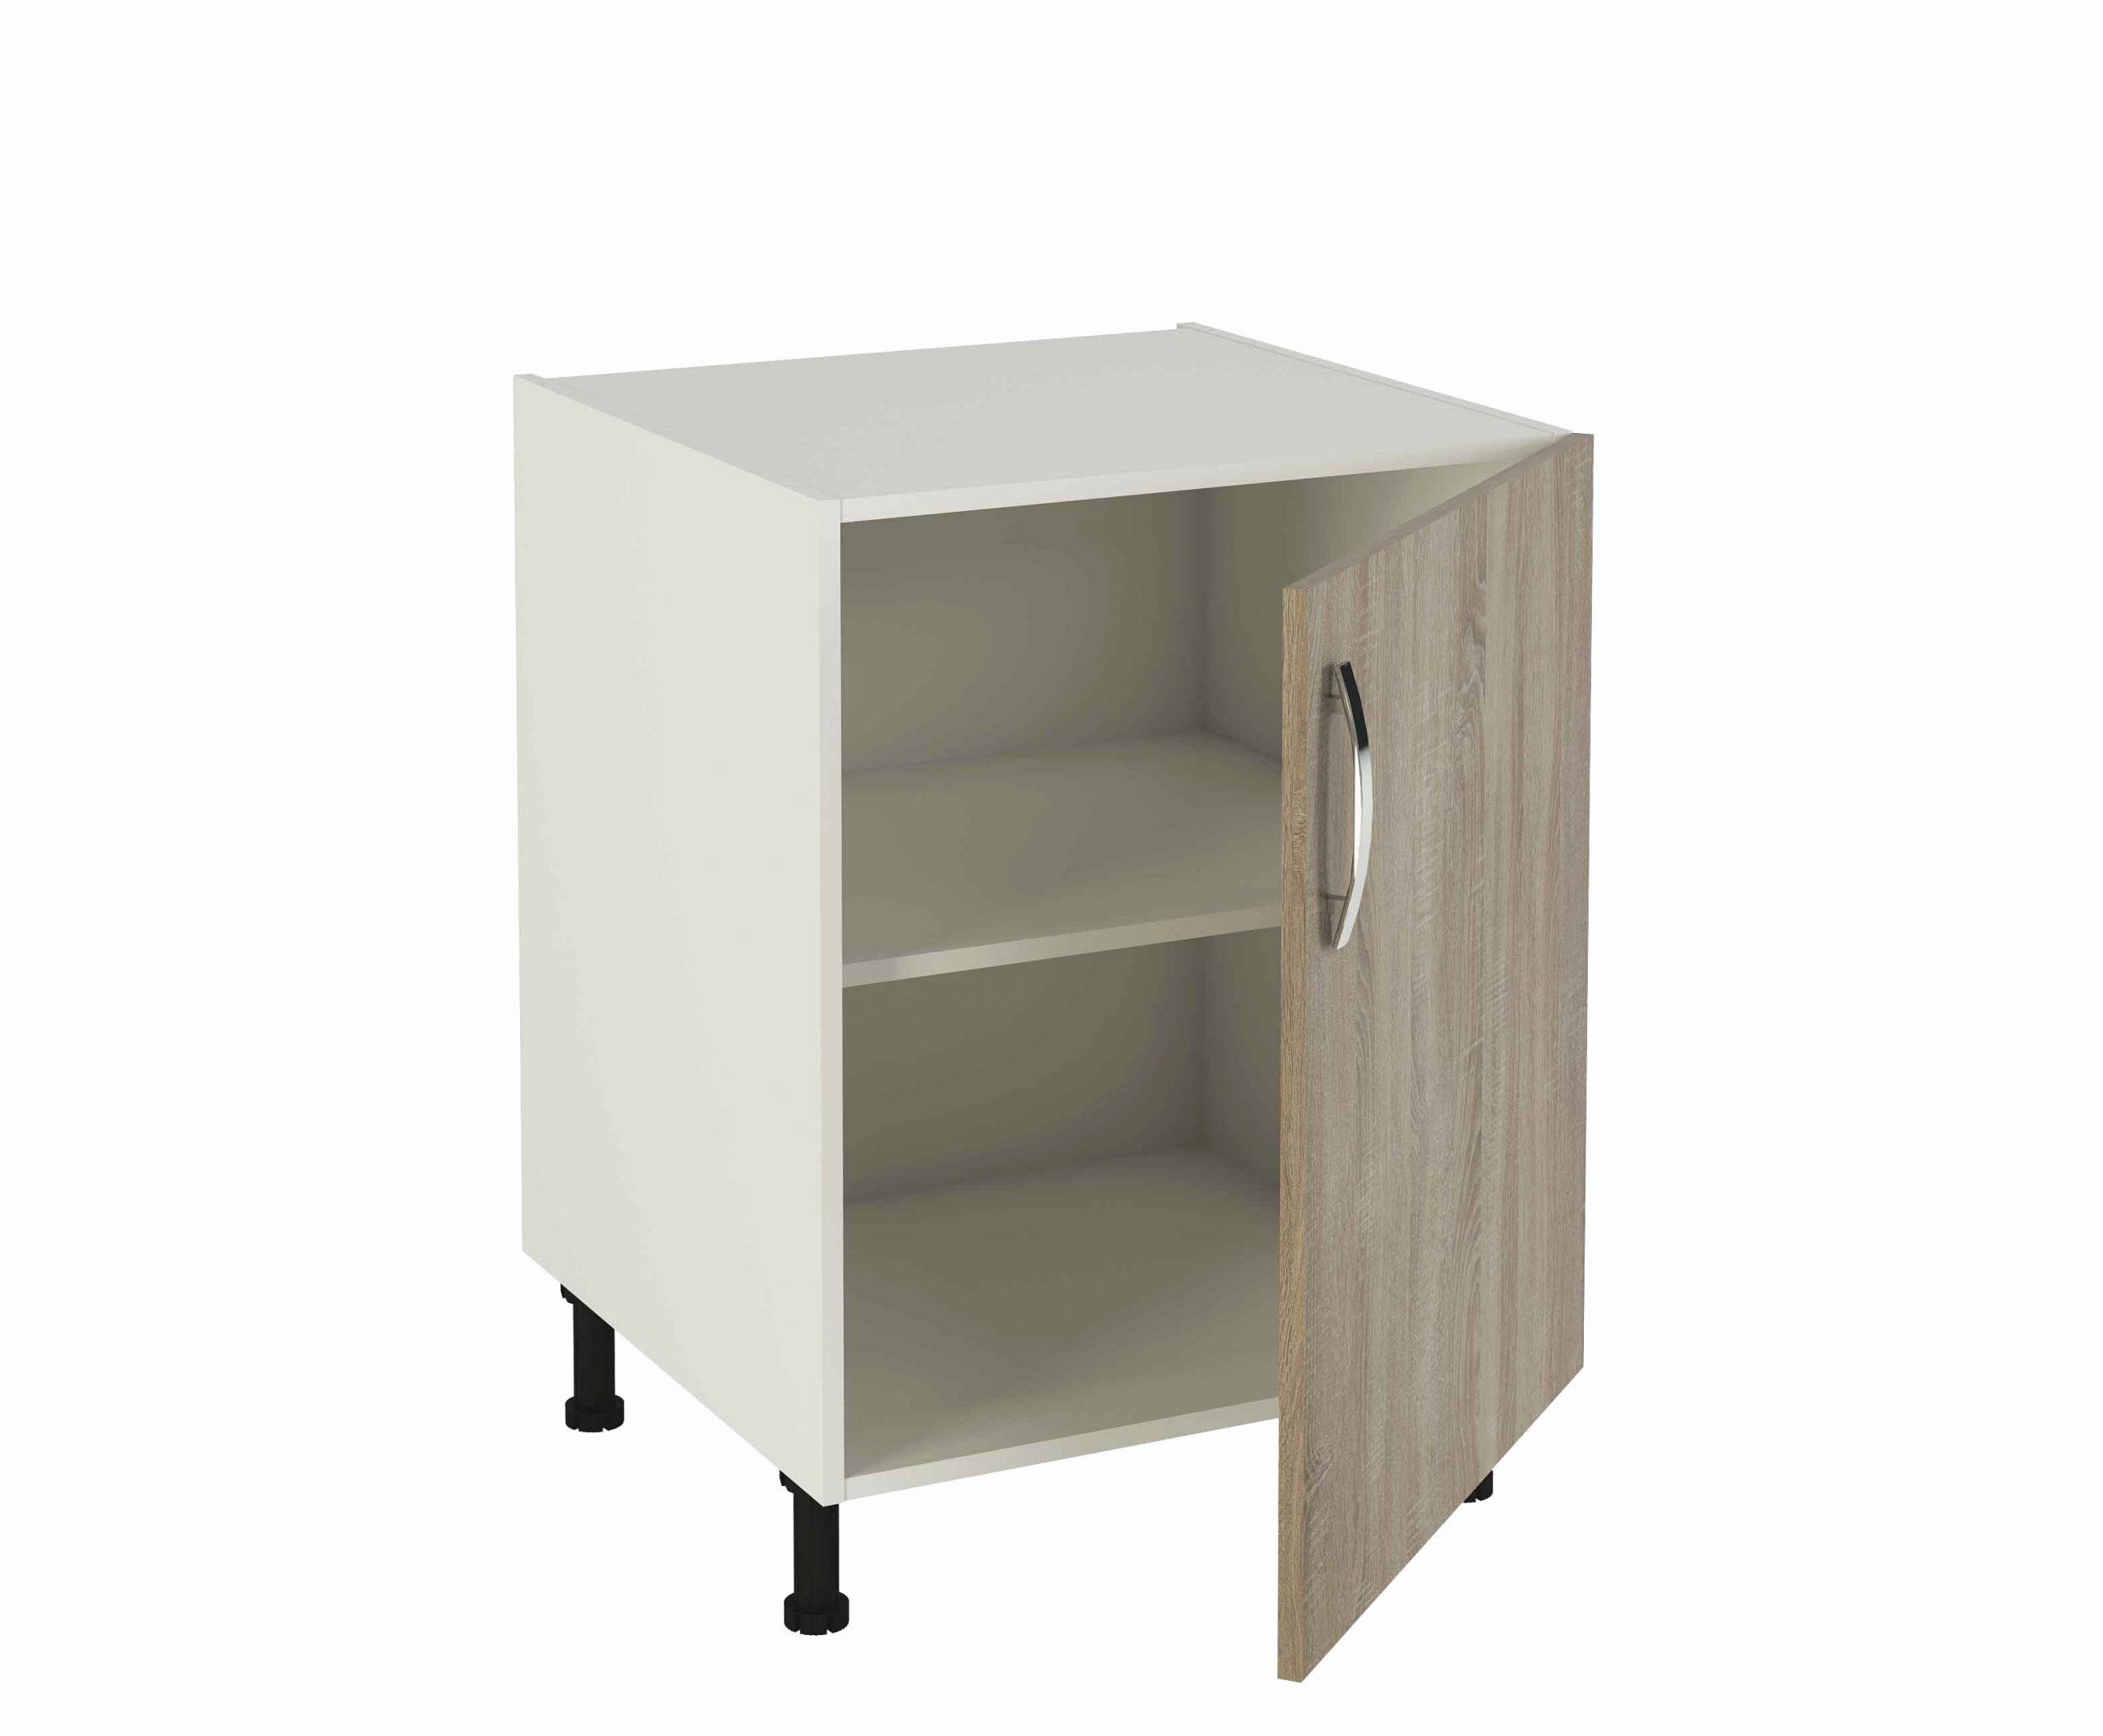 Full Size of Apothekerschrank Ikea 30 Cm Relaxliege Holz Bauanleitung Küche Kaufen Kosten Betten Bei Miniküche Sofa Mit Schlaffunktion Modulküche 160x200 Wohnzimmer Apothekerschrank Ikea